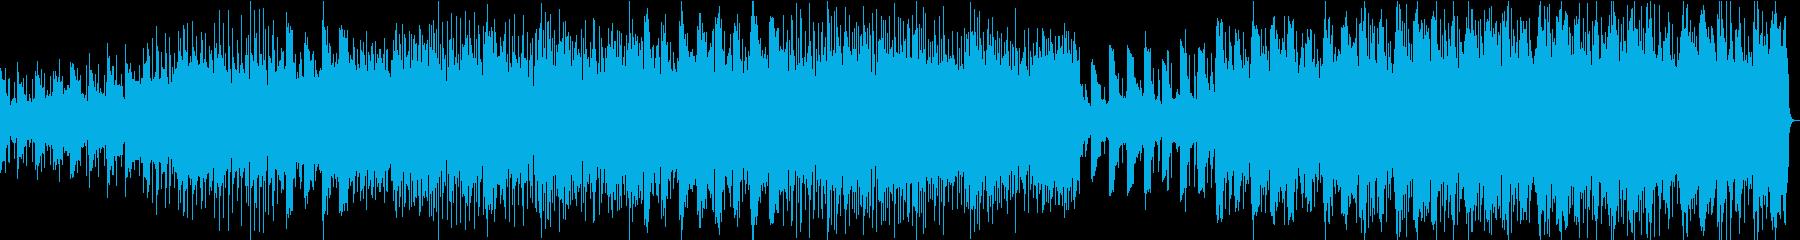 煌びやかで爽やかなアンビエント楽曲の再生済みの波形